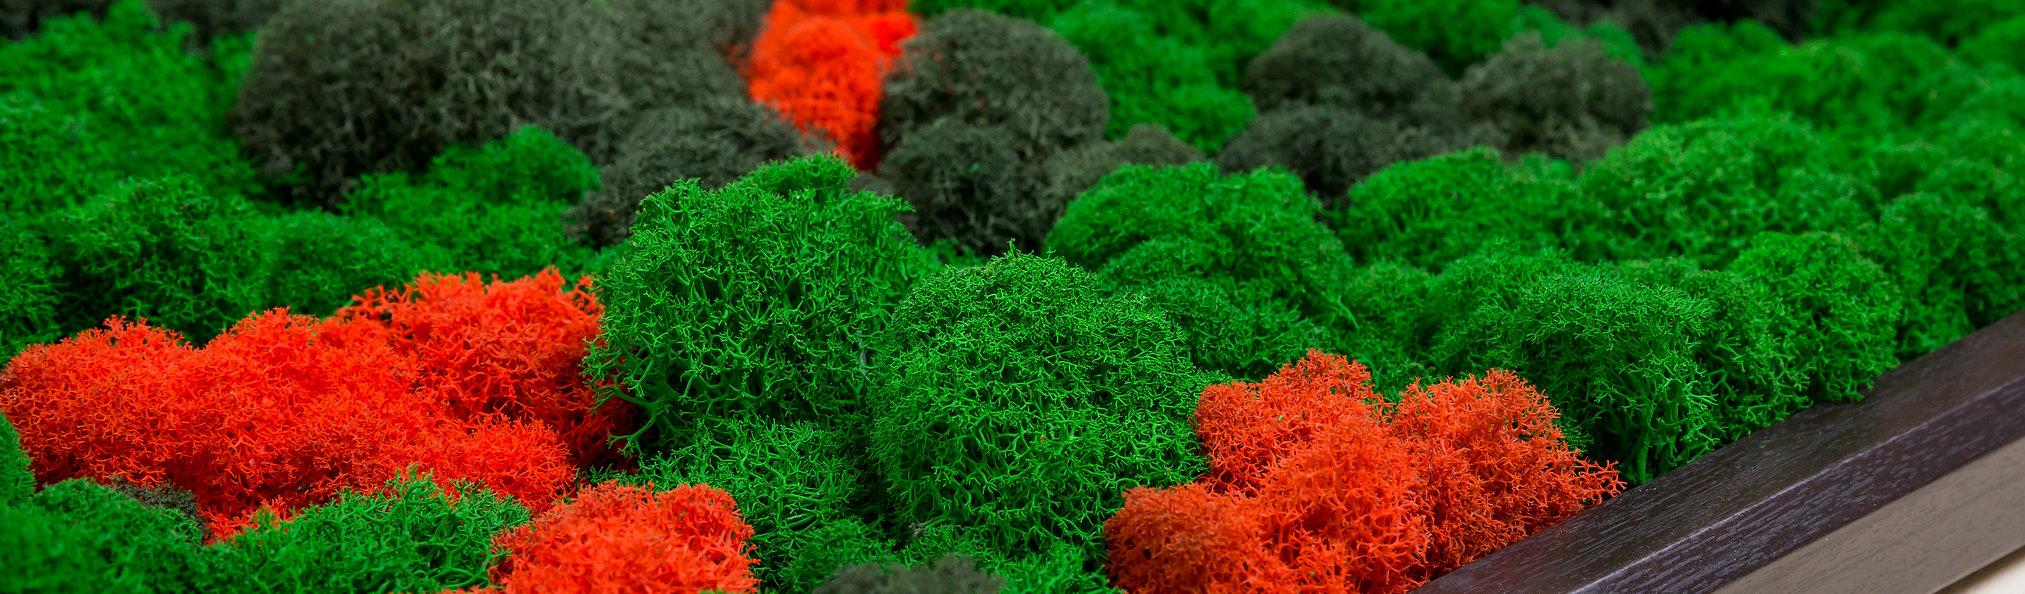 зеленая панель стабилизированный мох кудрявый